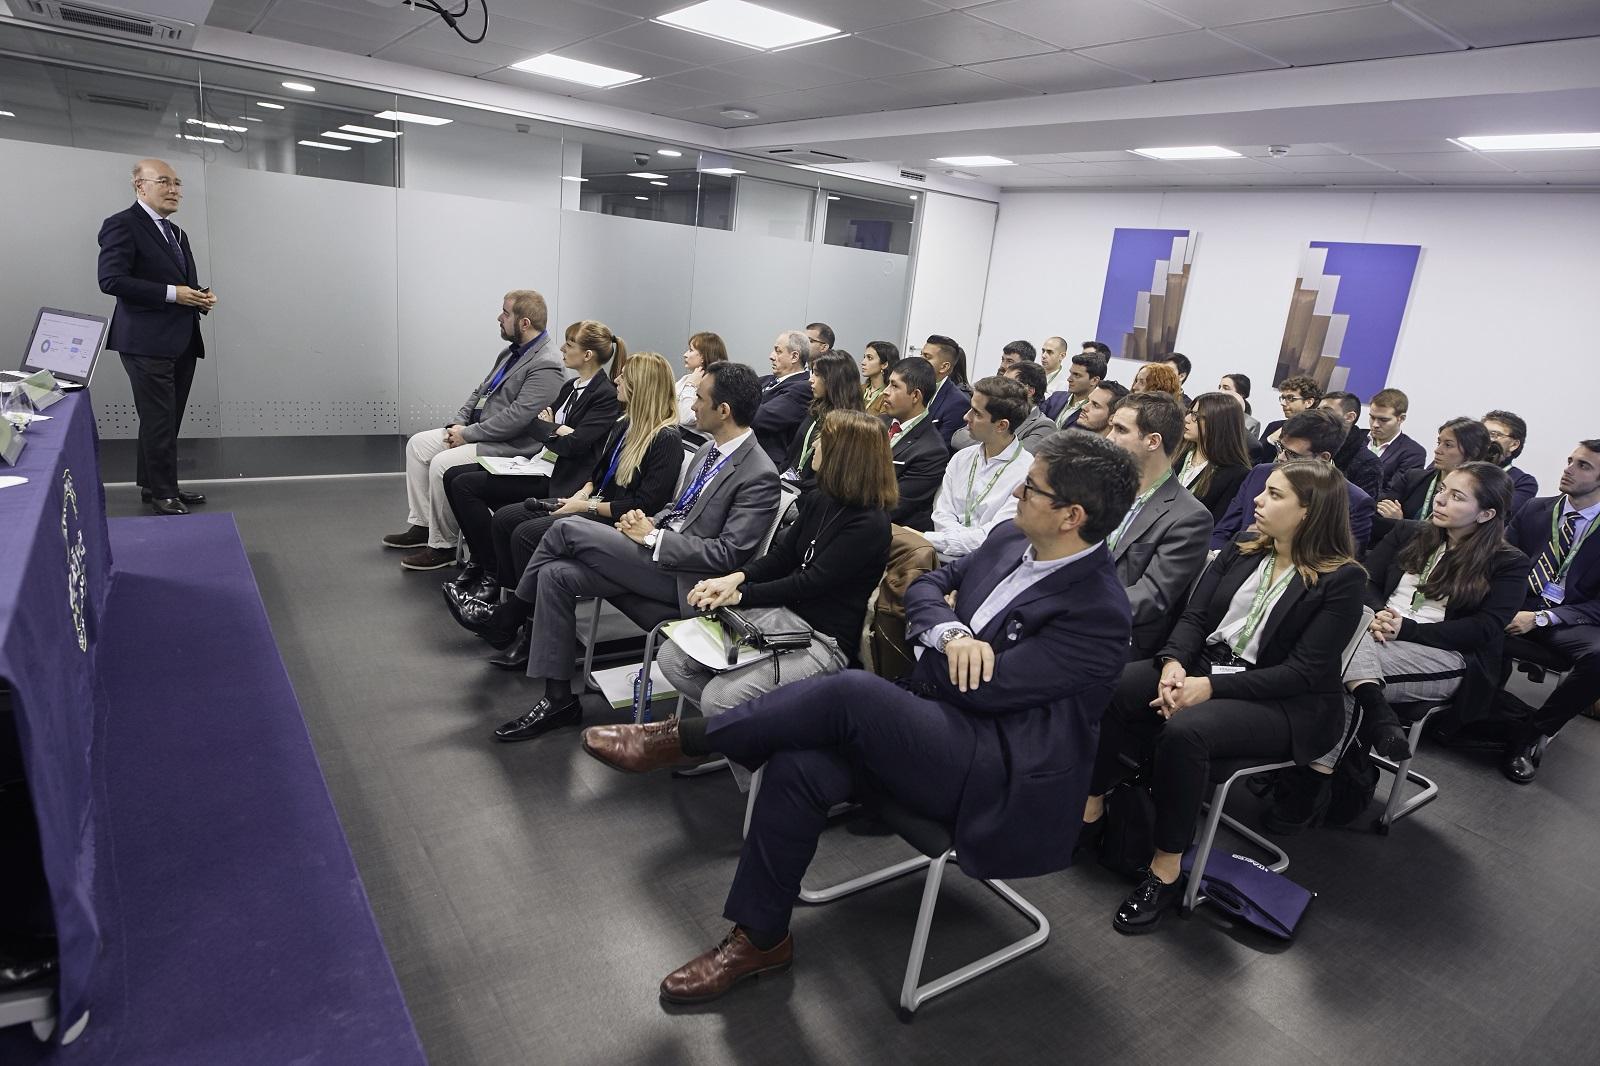 MG 9349 - D. Javier Marín, Director General de Aeropuertos de AENA, imparte conferencia extraordinaria en ITAérea Madrid